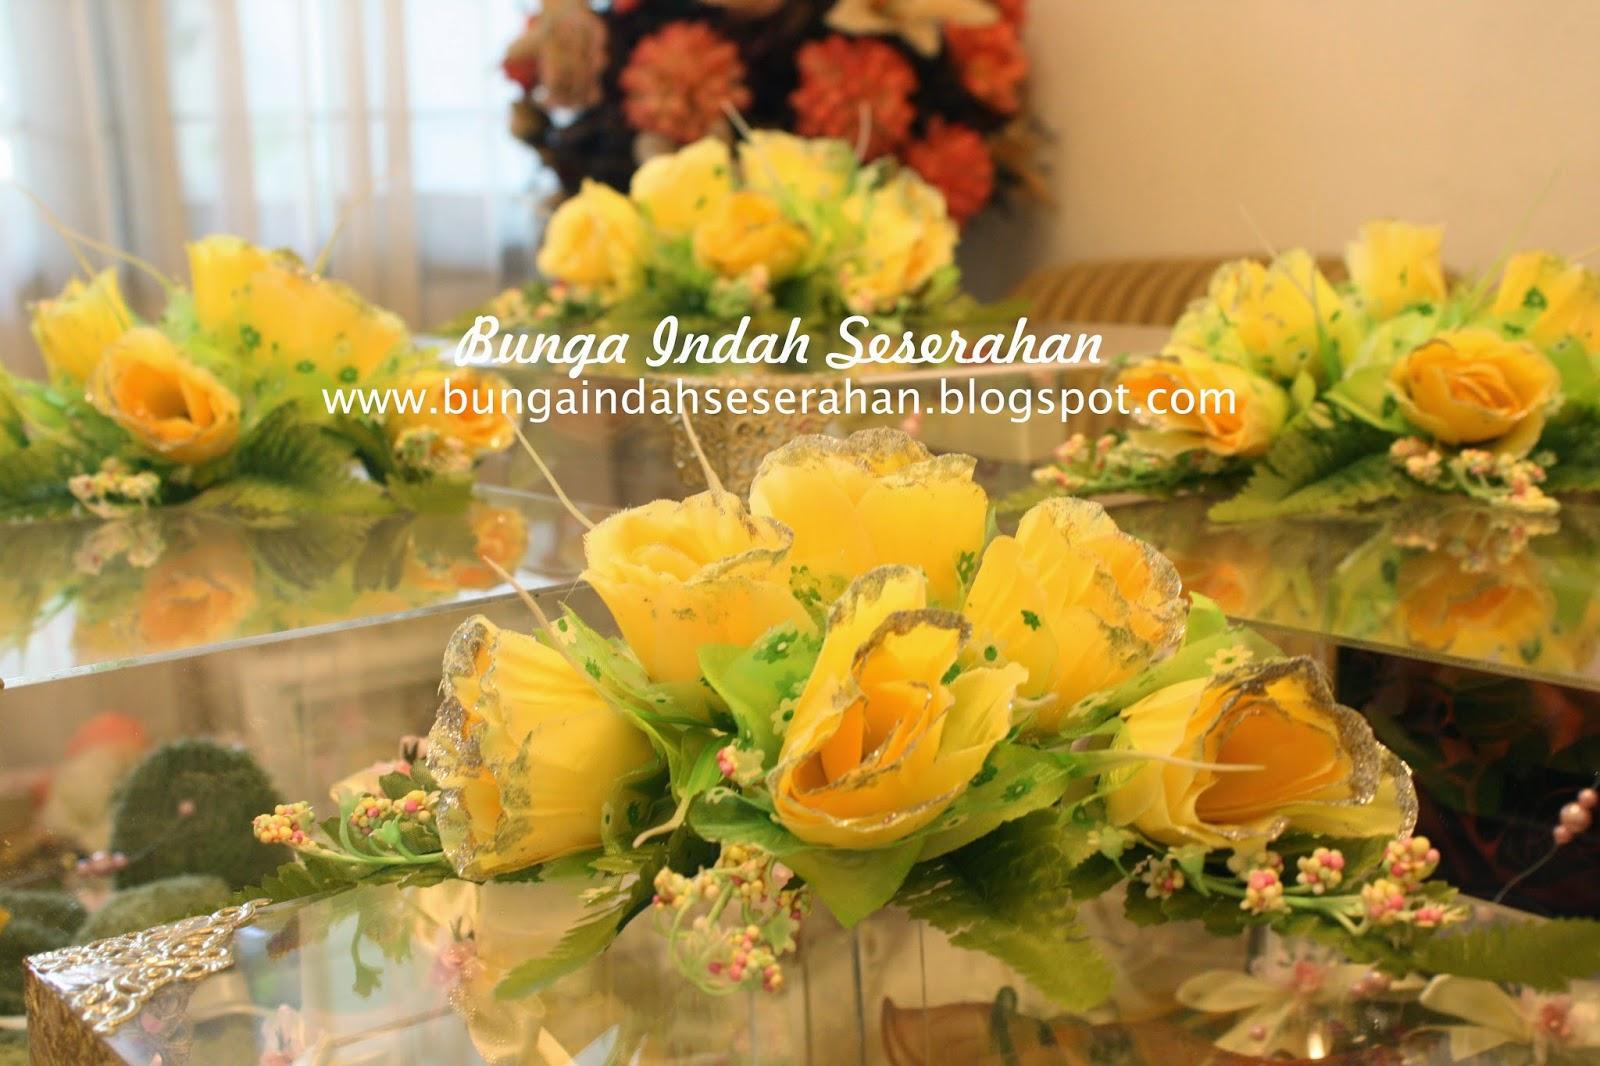 Bunga Indah Seserahan New November Seserahan Nuansa